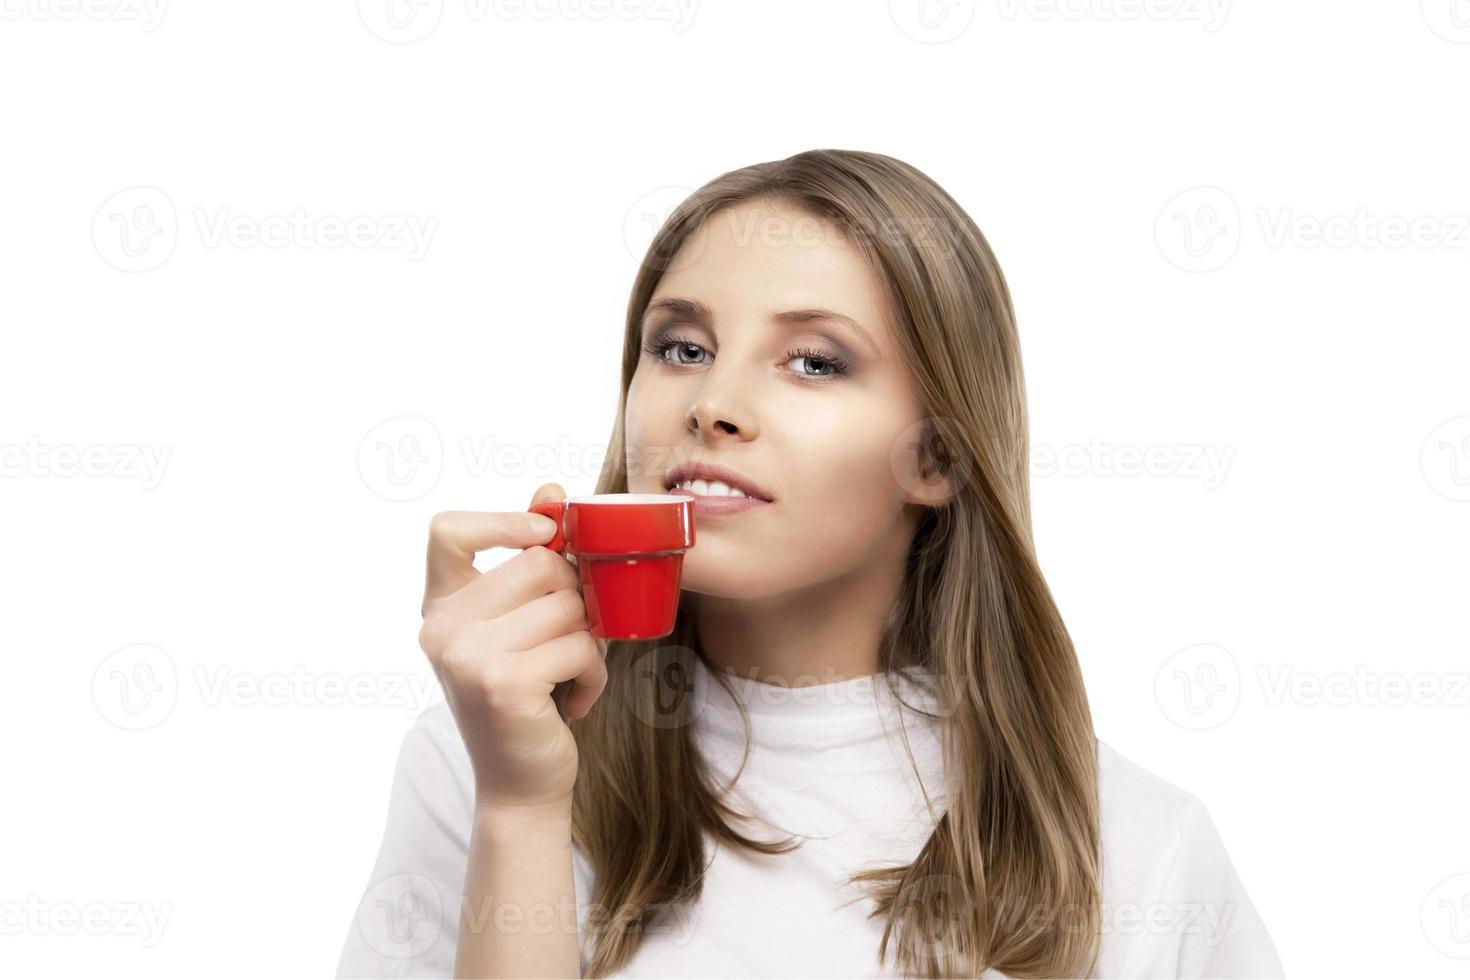 la bella ragazza beve un caffè foto